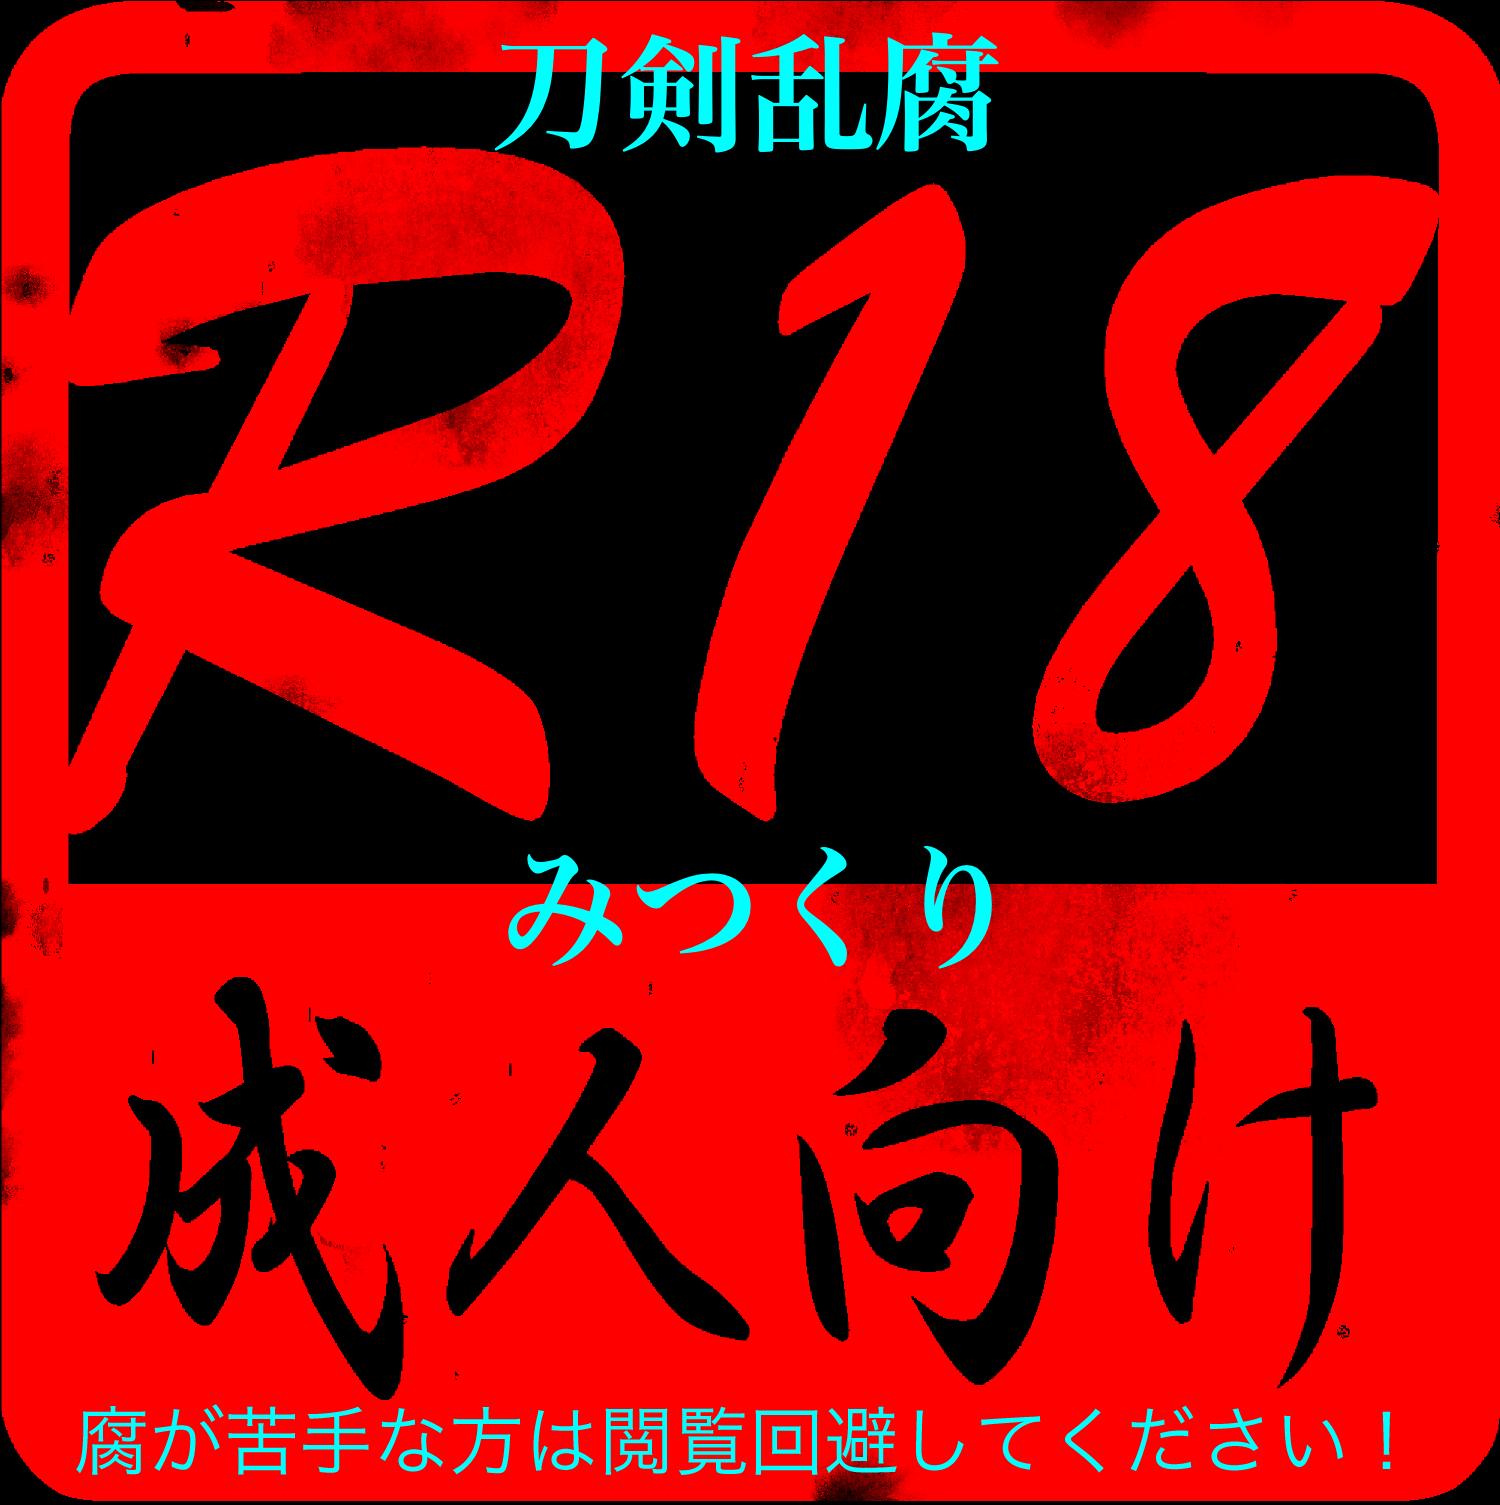 R-18ハンコみつくりバージョン